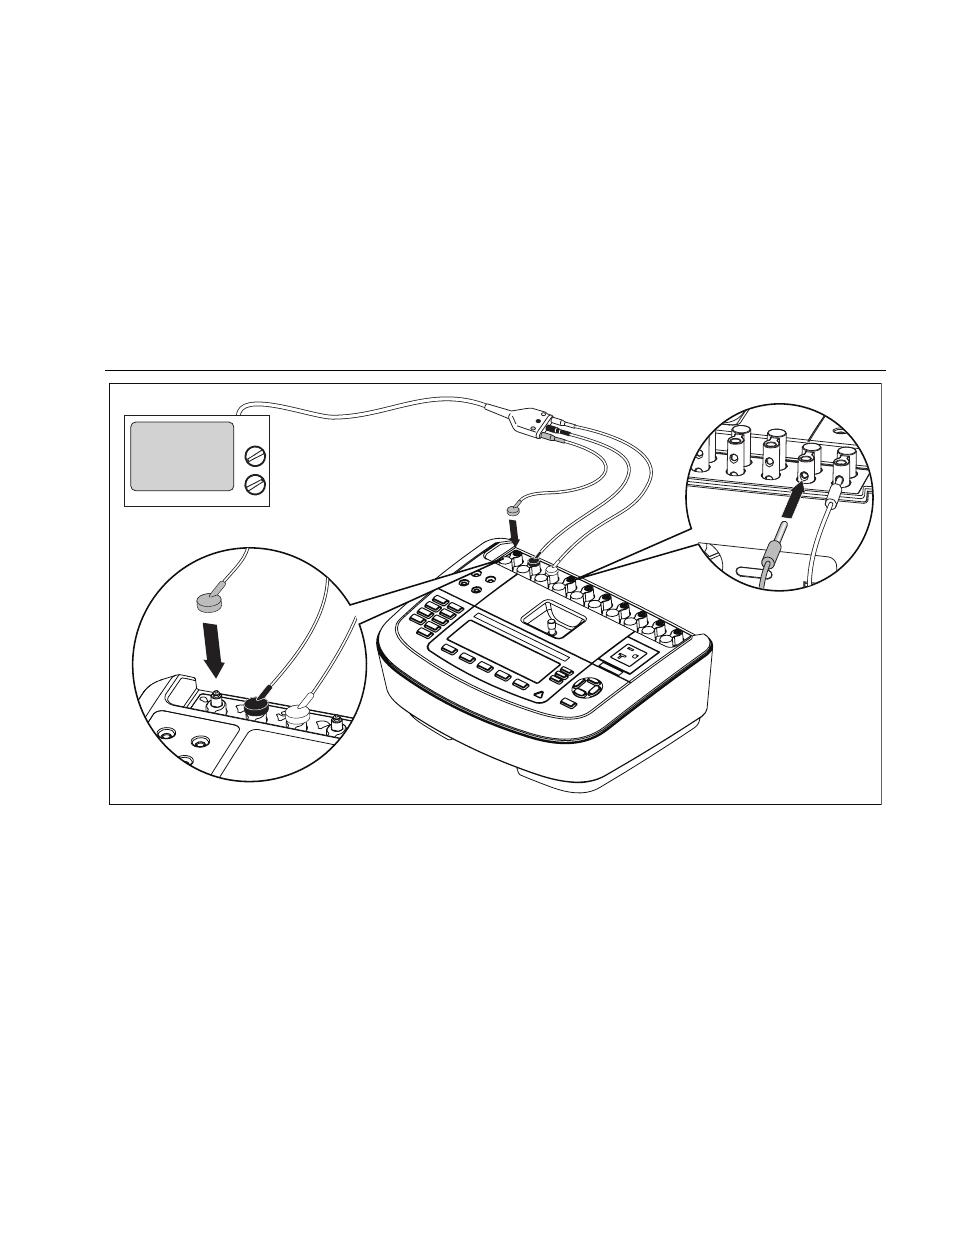 Fluke 21 Manual